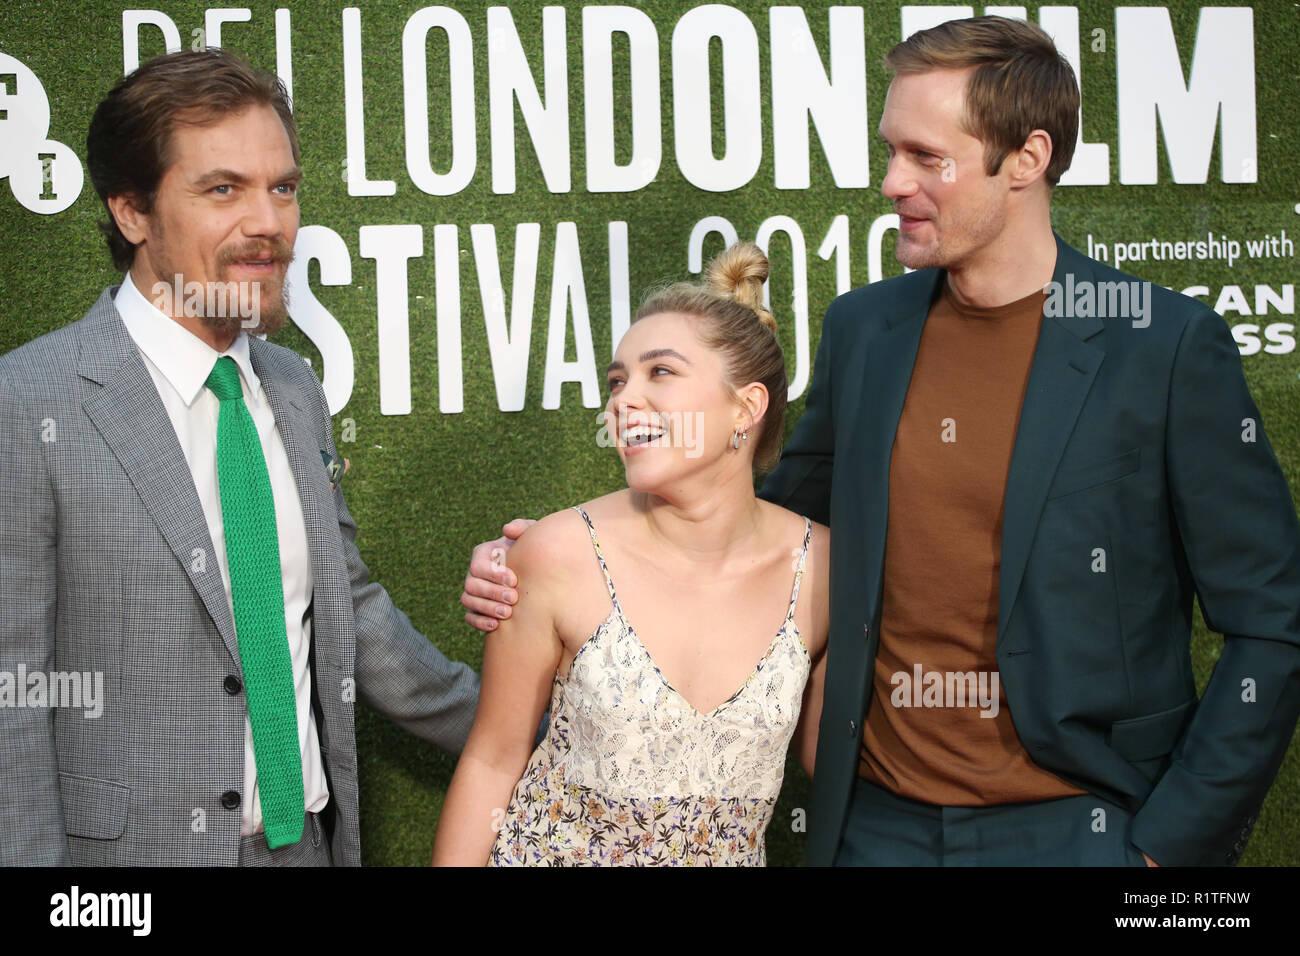 BFI London Film Festival el Little Drummer Girl premiere - Llegadas con: Michael Shannon, Florencia Pugh, Alexander Skarsgard donde: Londres, Reino Unido cuando: 14 de octubre de 2018 Créditos: Lia Toby/WENN.com Imagen De Stock